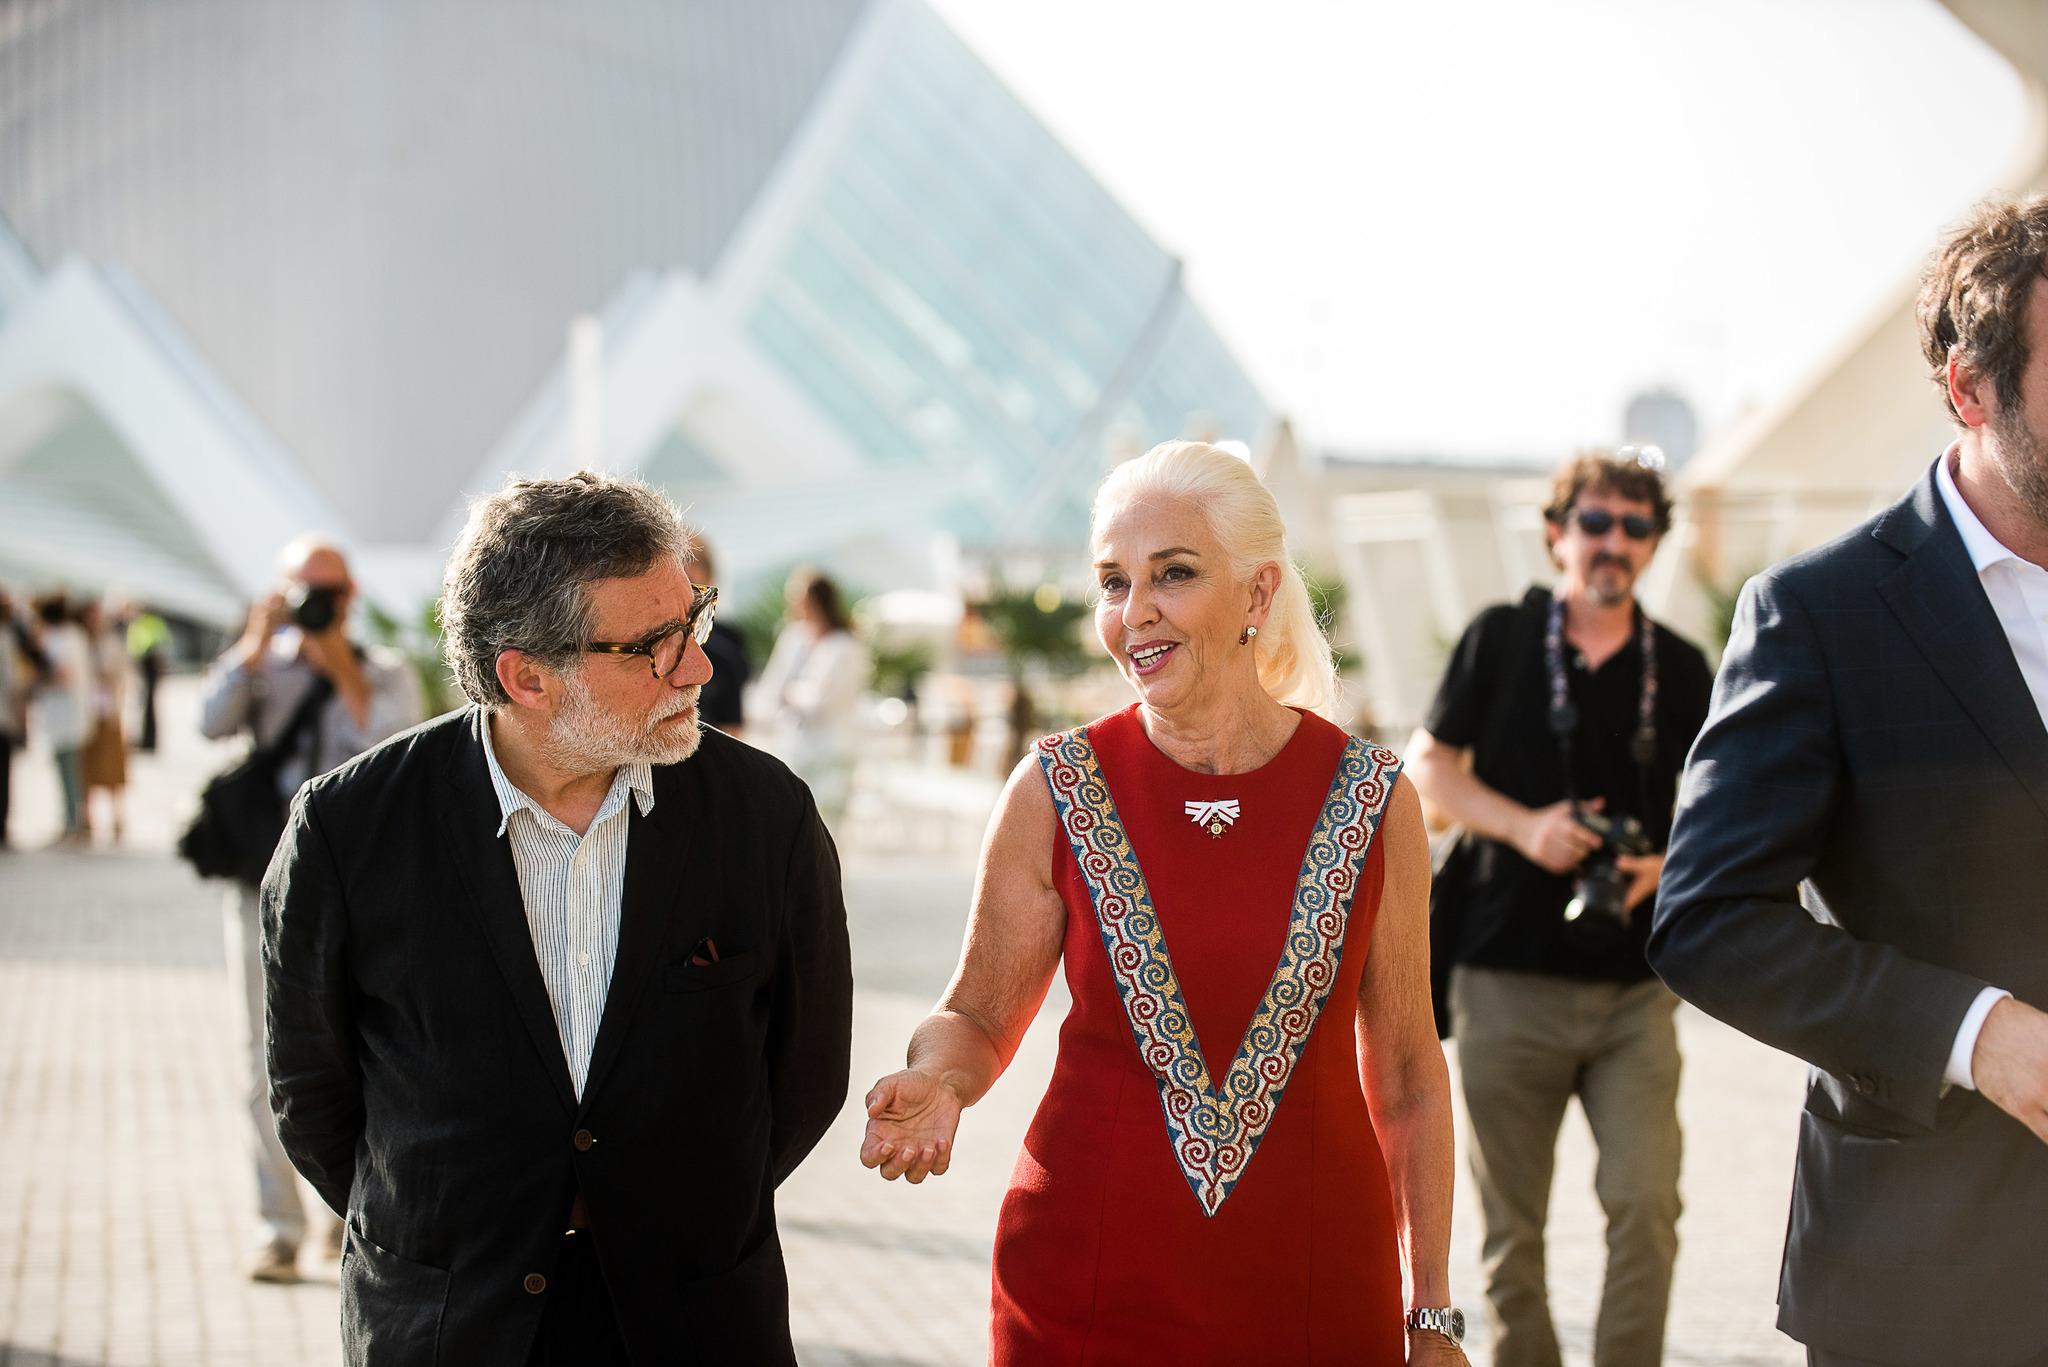 El artista catalán junto a Hortensia Herrero, presidenta de la Fundación que lleva su nombre y que ha traído todas las obras a al lago sur de la Ciudad de las Artes y las Ciencias de Valencia.